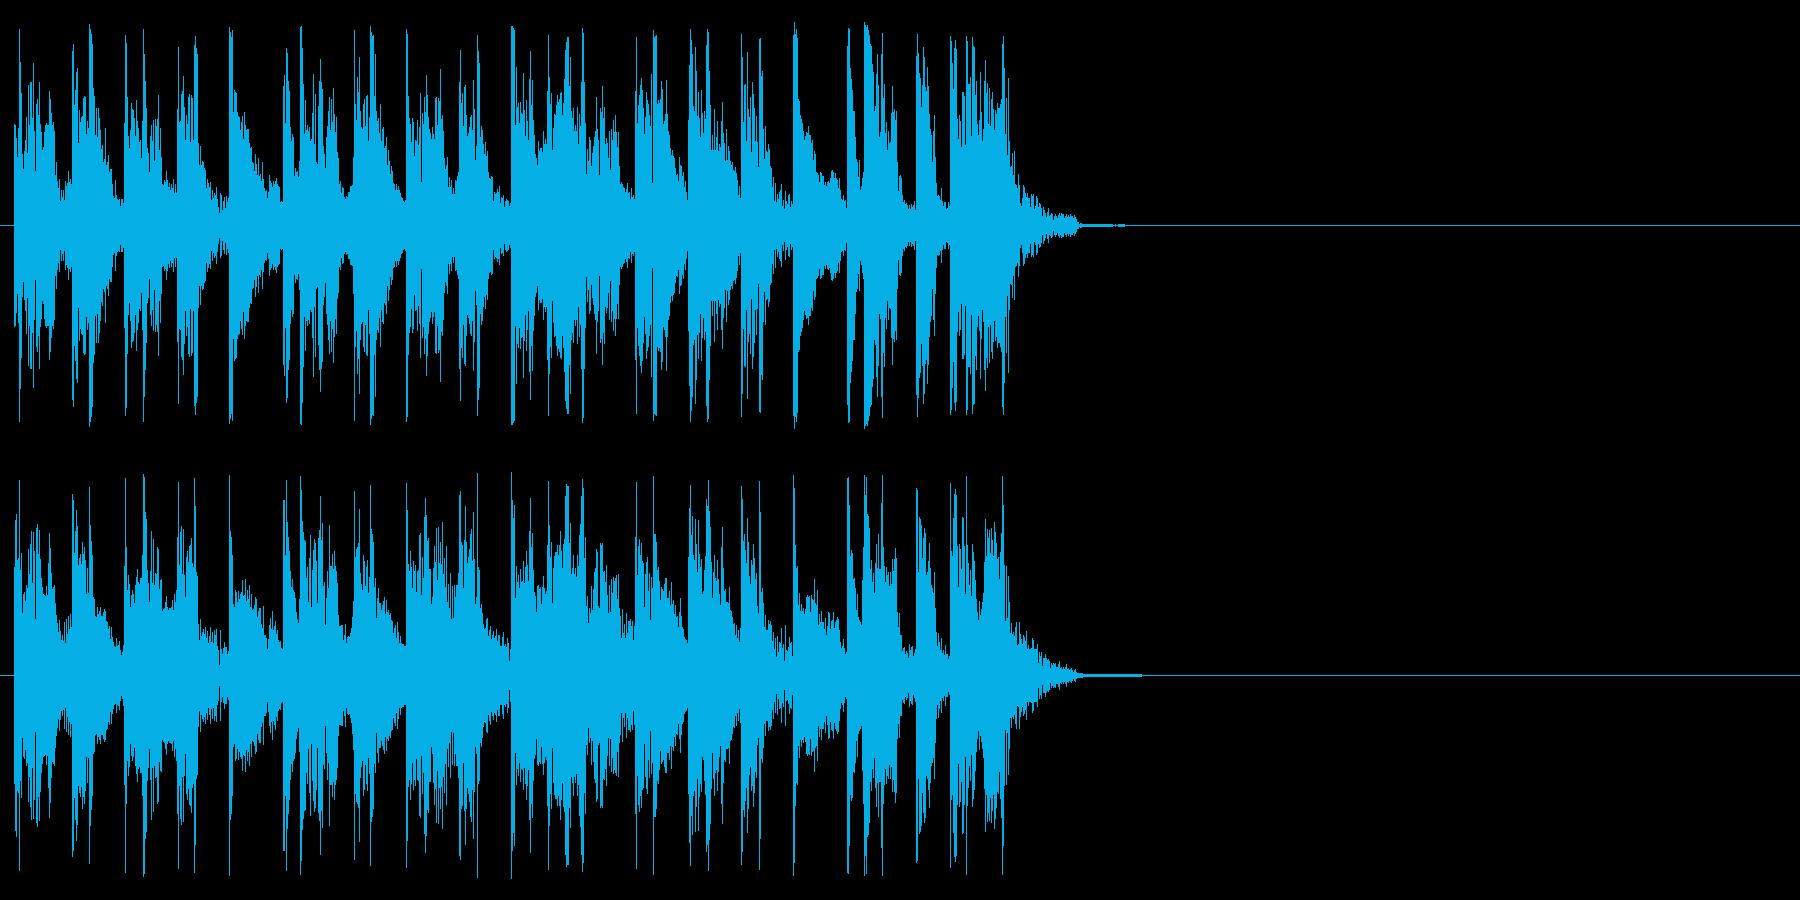 知識 クイズ 挑戦 結果発表 スリルの再生済みの波形